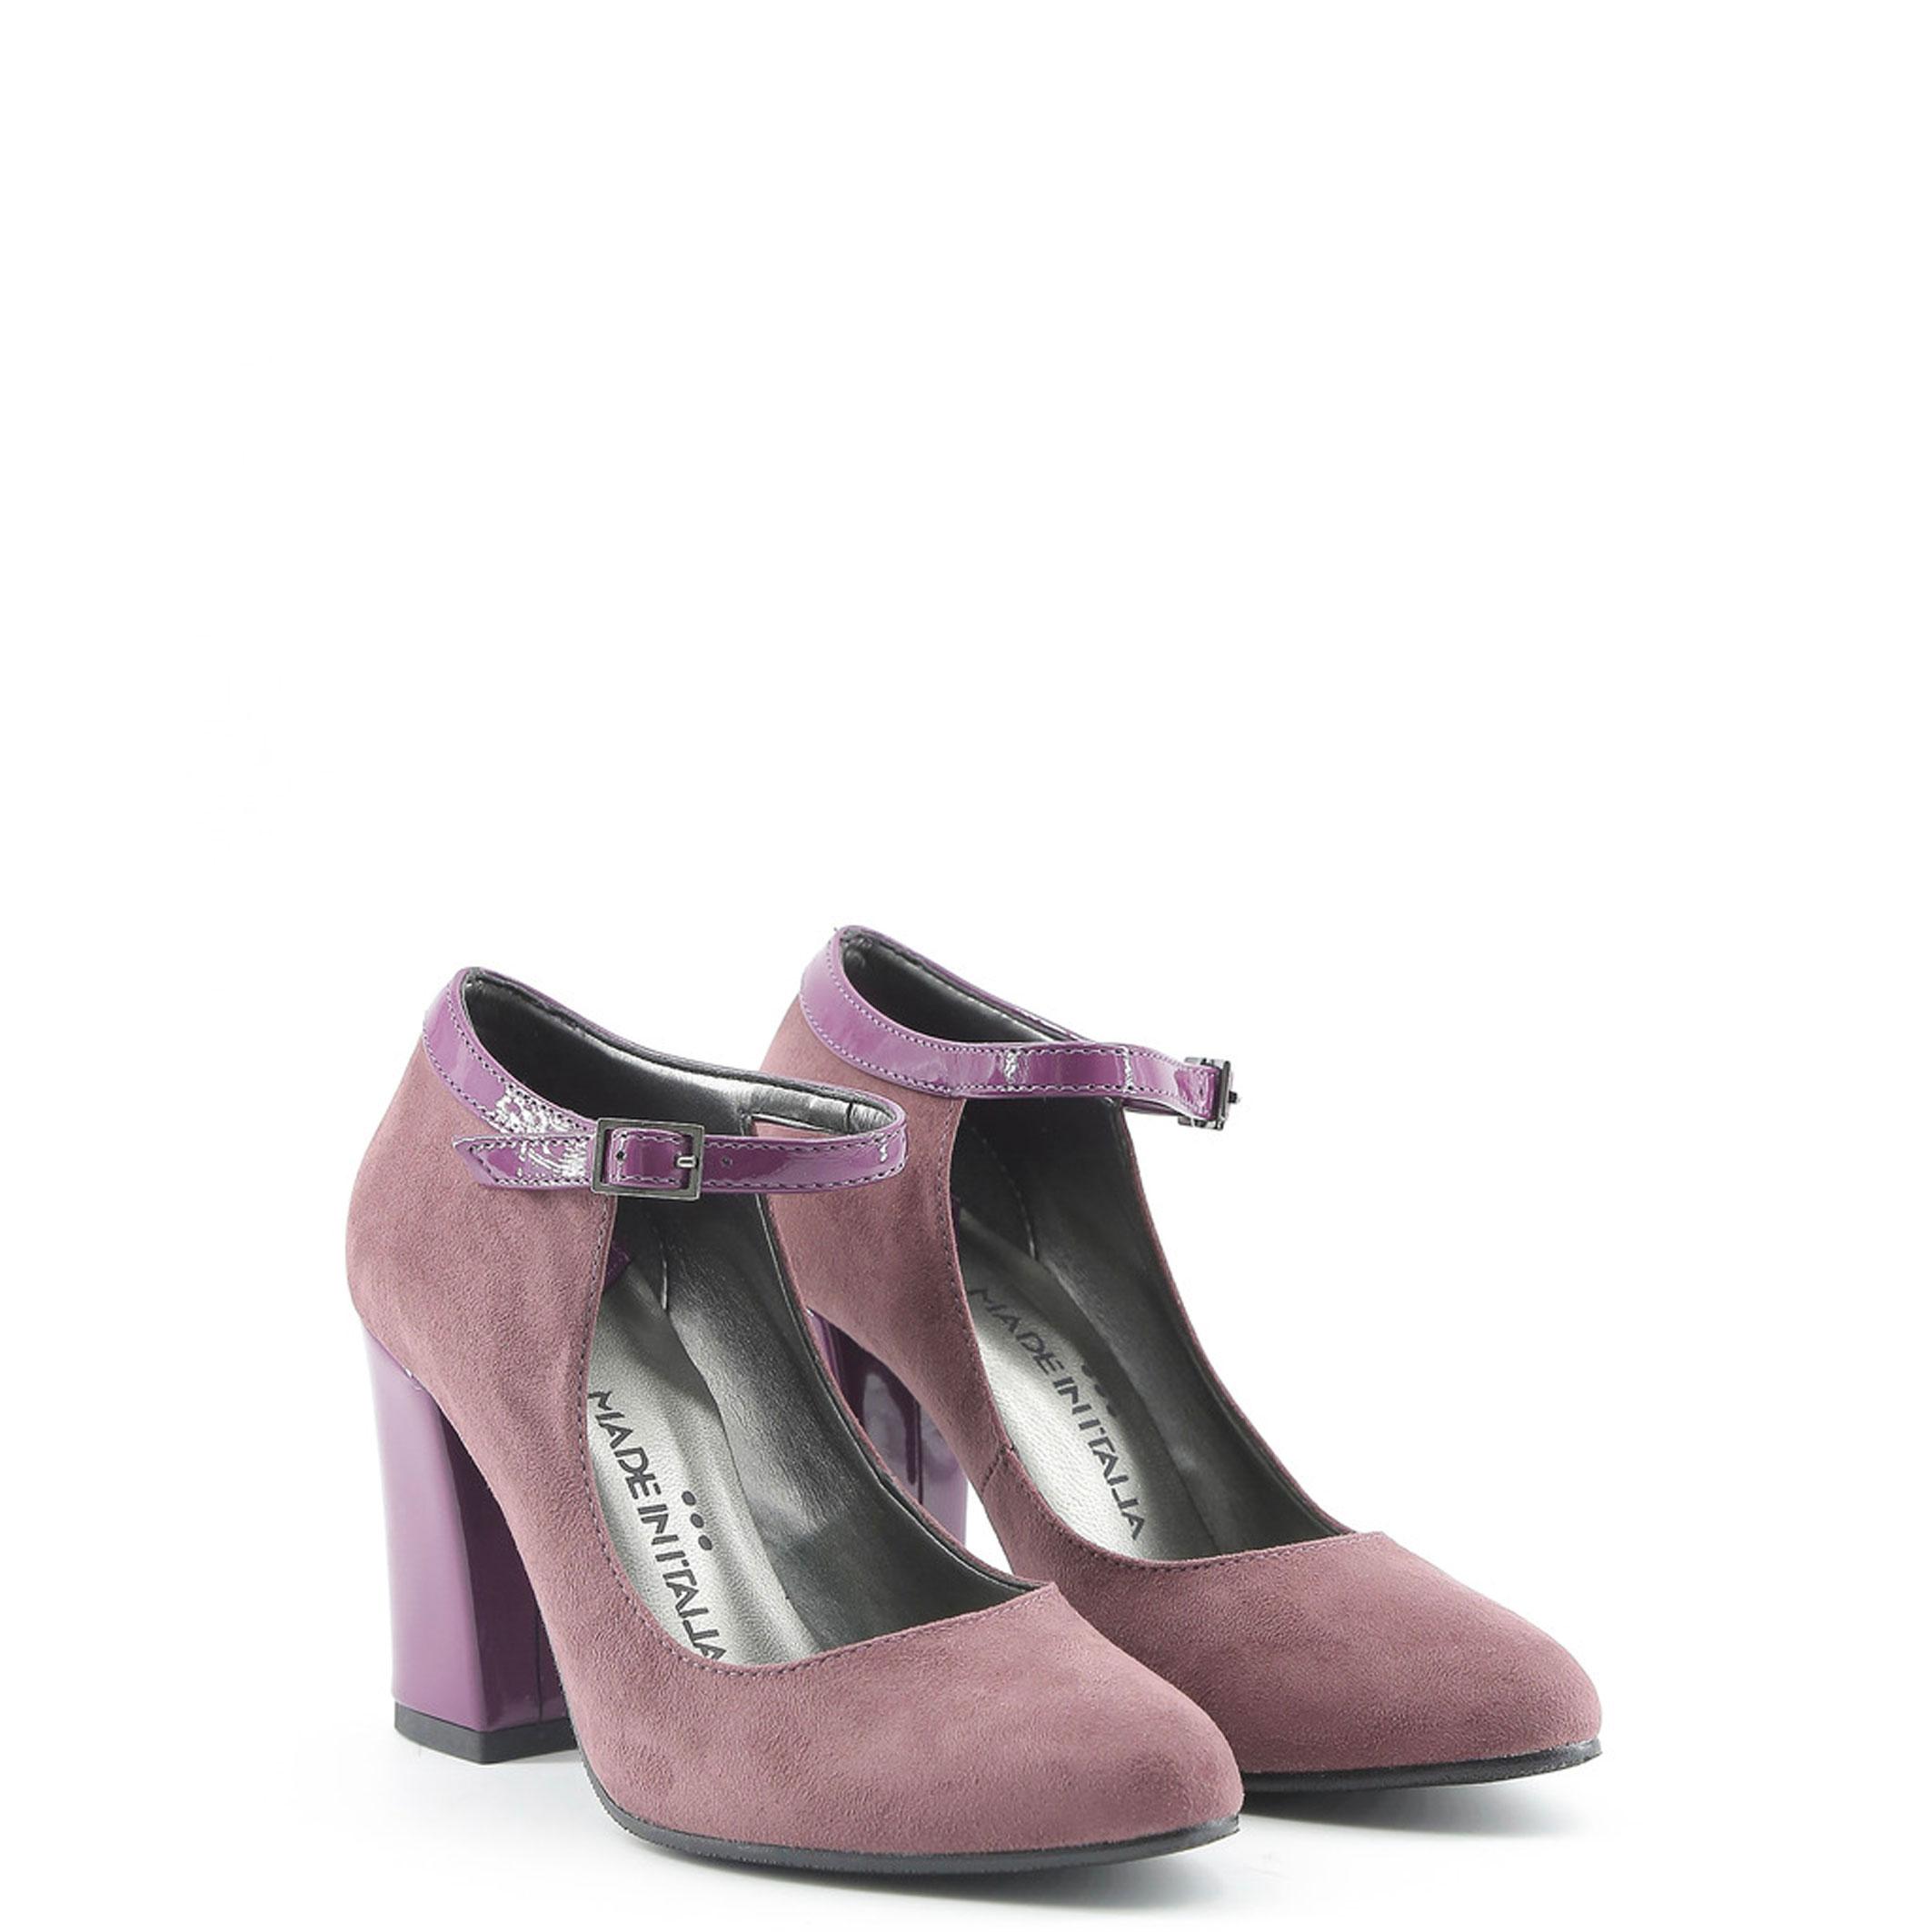 Schuhe BIANCA, Damen hochzeit High Heels Violett/Schwarz pumps hochzeit Damen a3d918